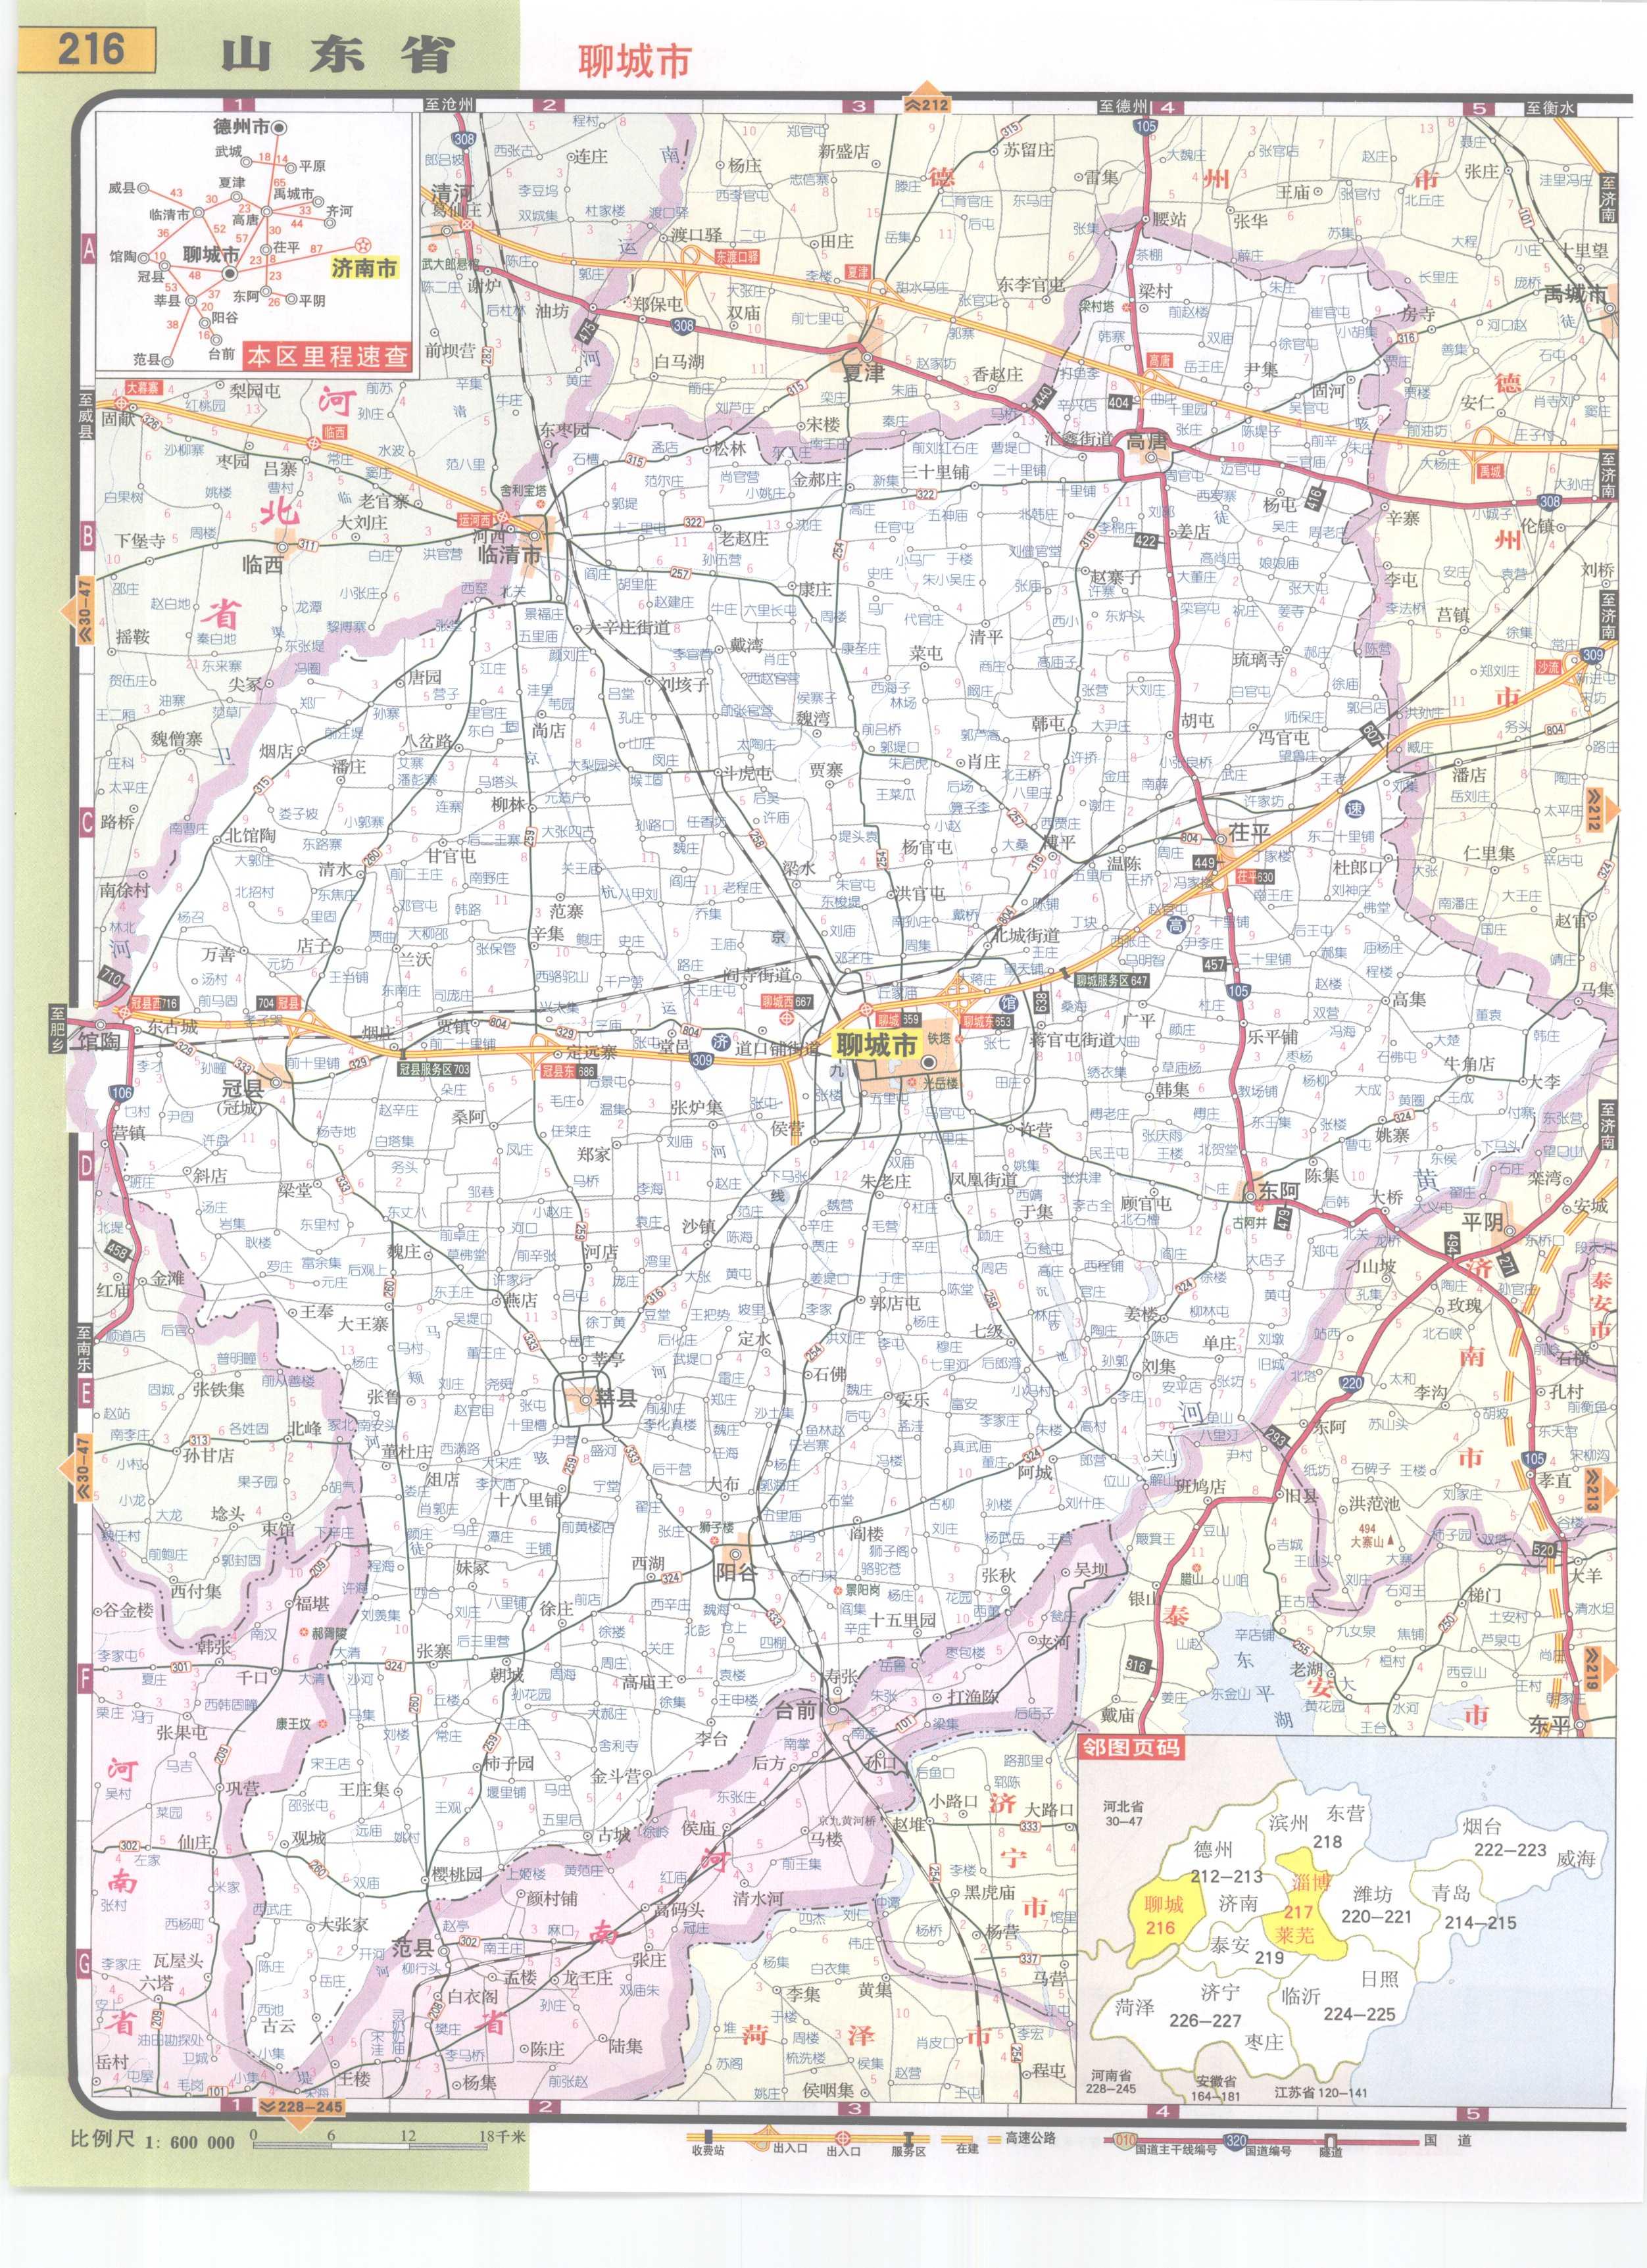 山东省聊城市高速公路网地图